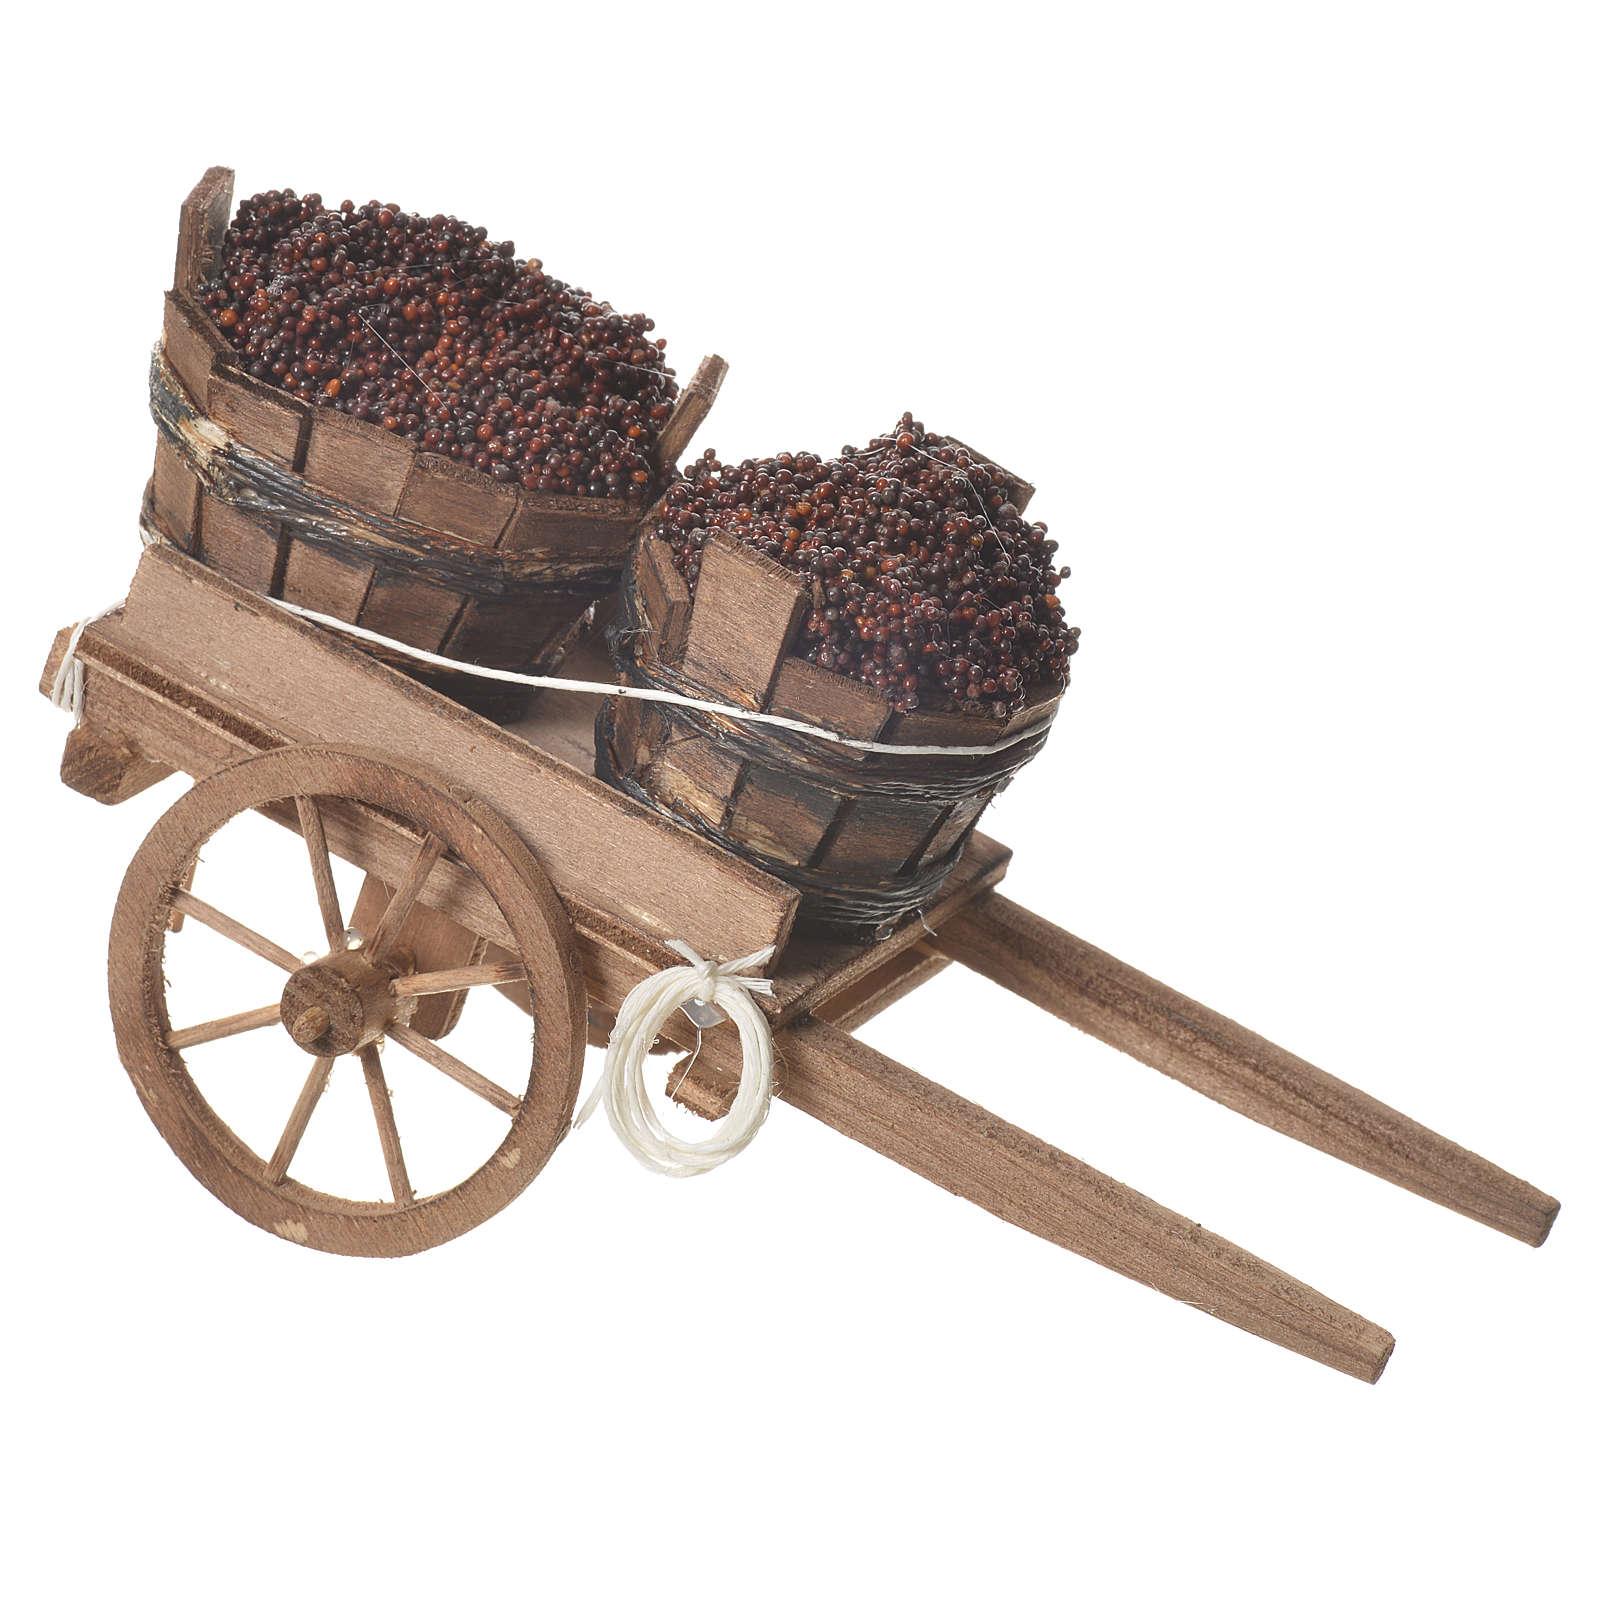 Wózek z beczkami 18x6cm 4